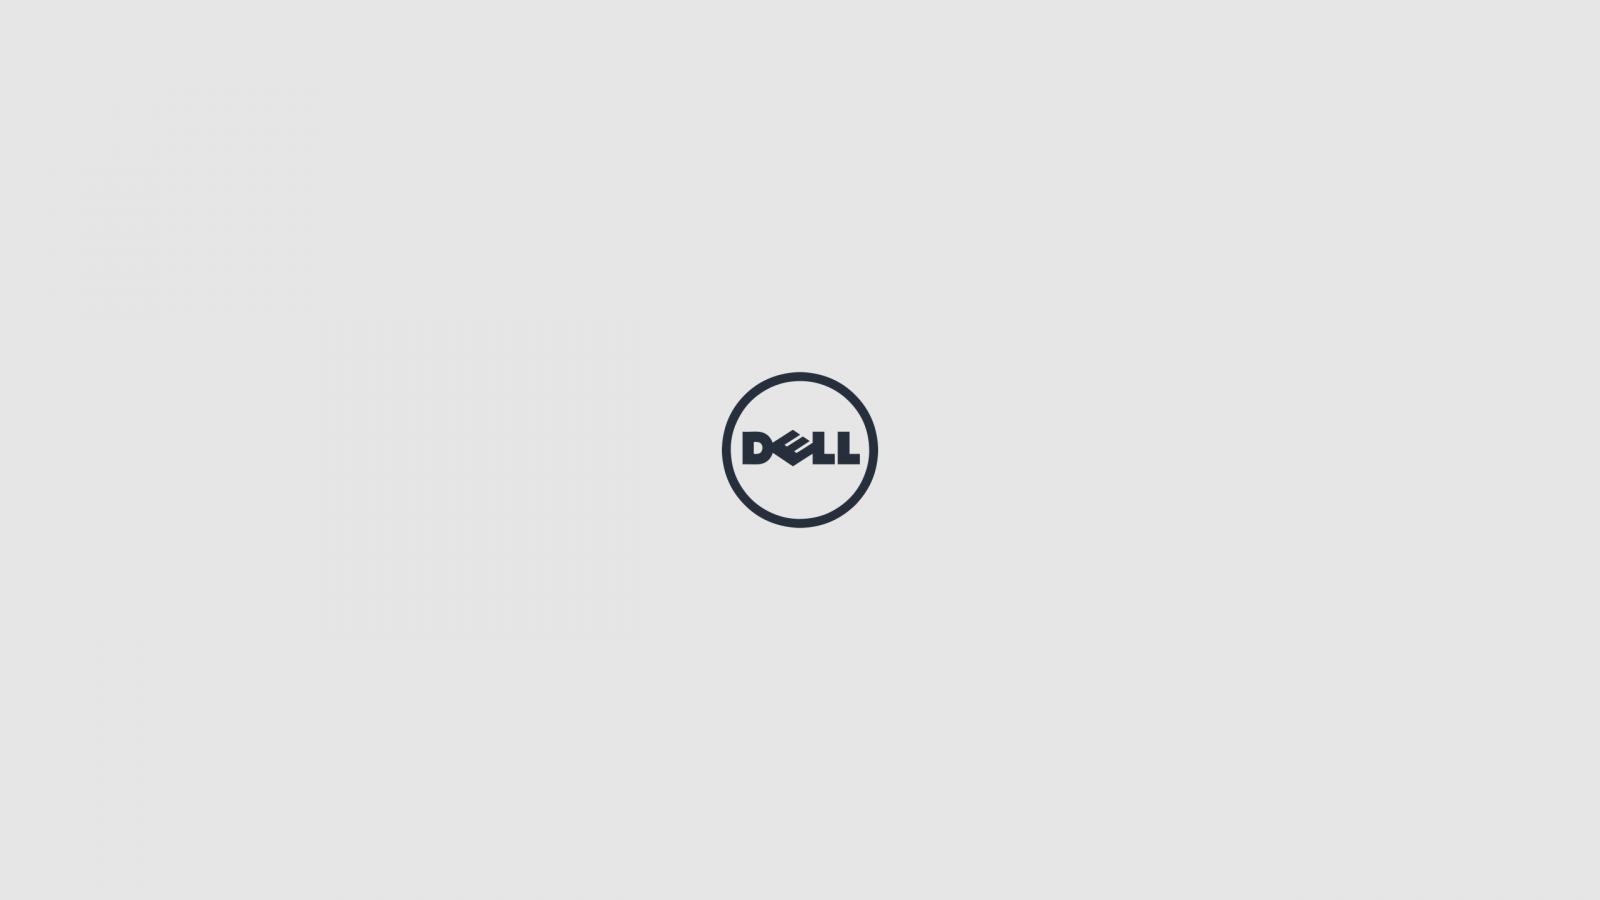 Papel De Parede Dell G3: Taustakuvat : Minimalismia, Teksti, Logo, Ympyrä, Brändi